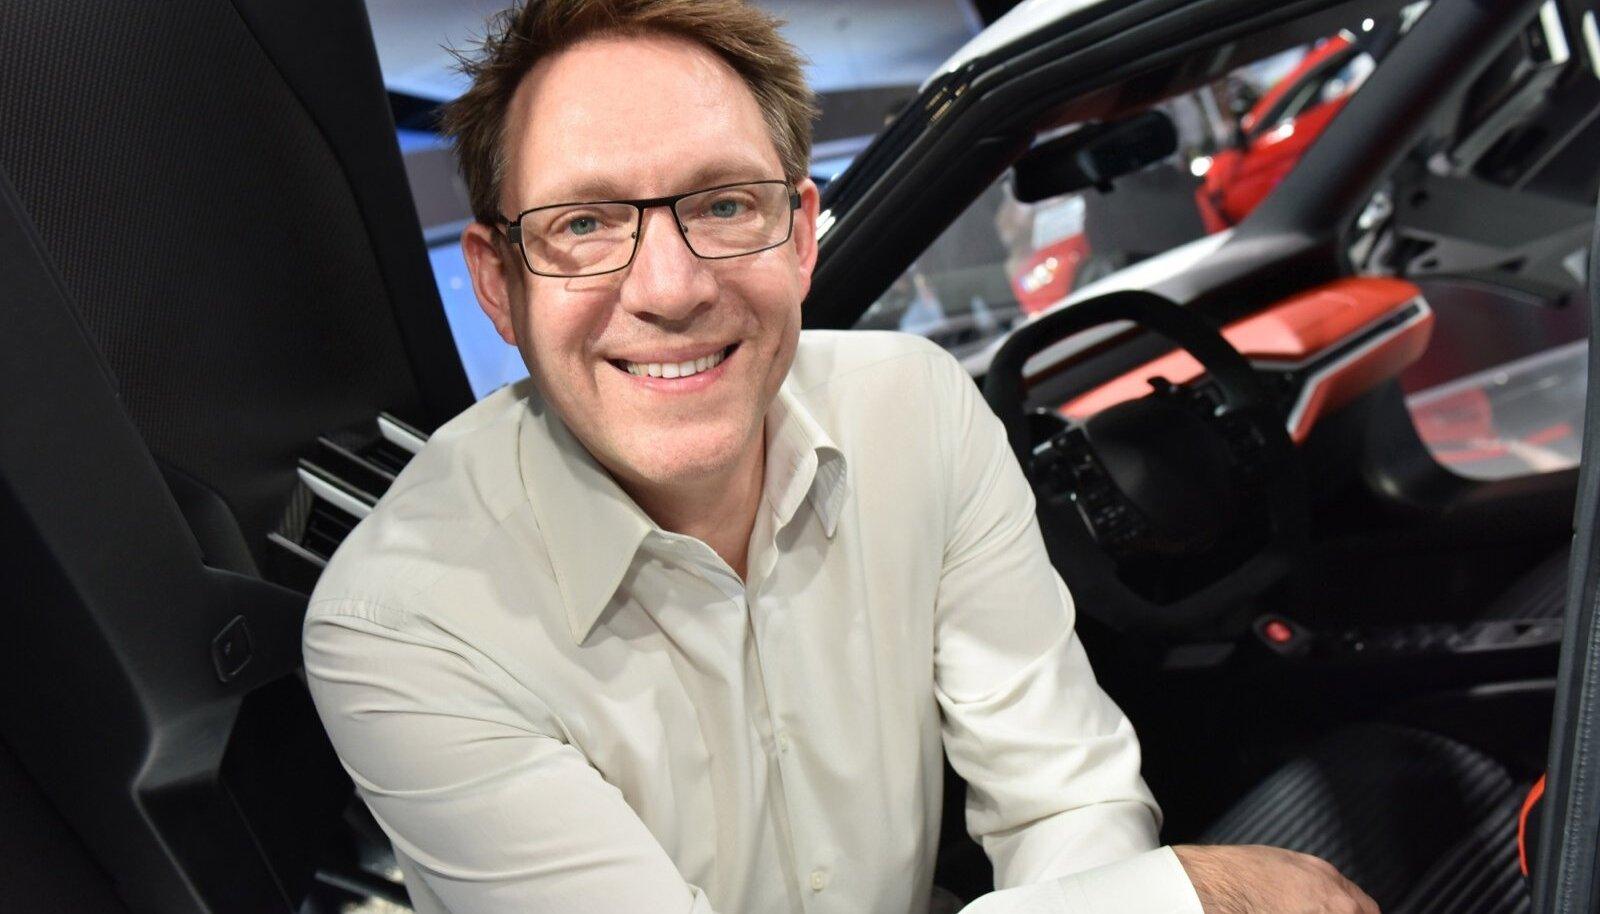 Autodisainer Amko Leenarts rõõmustab, sest tulevik on sooneutraalne.